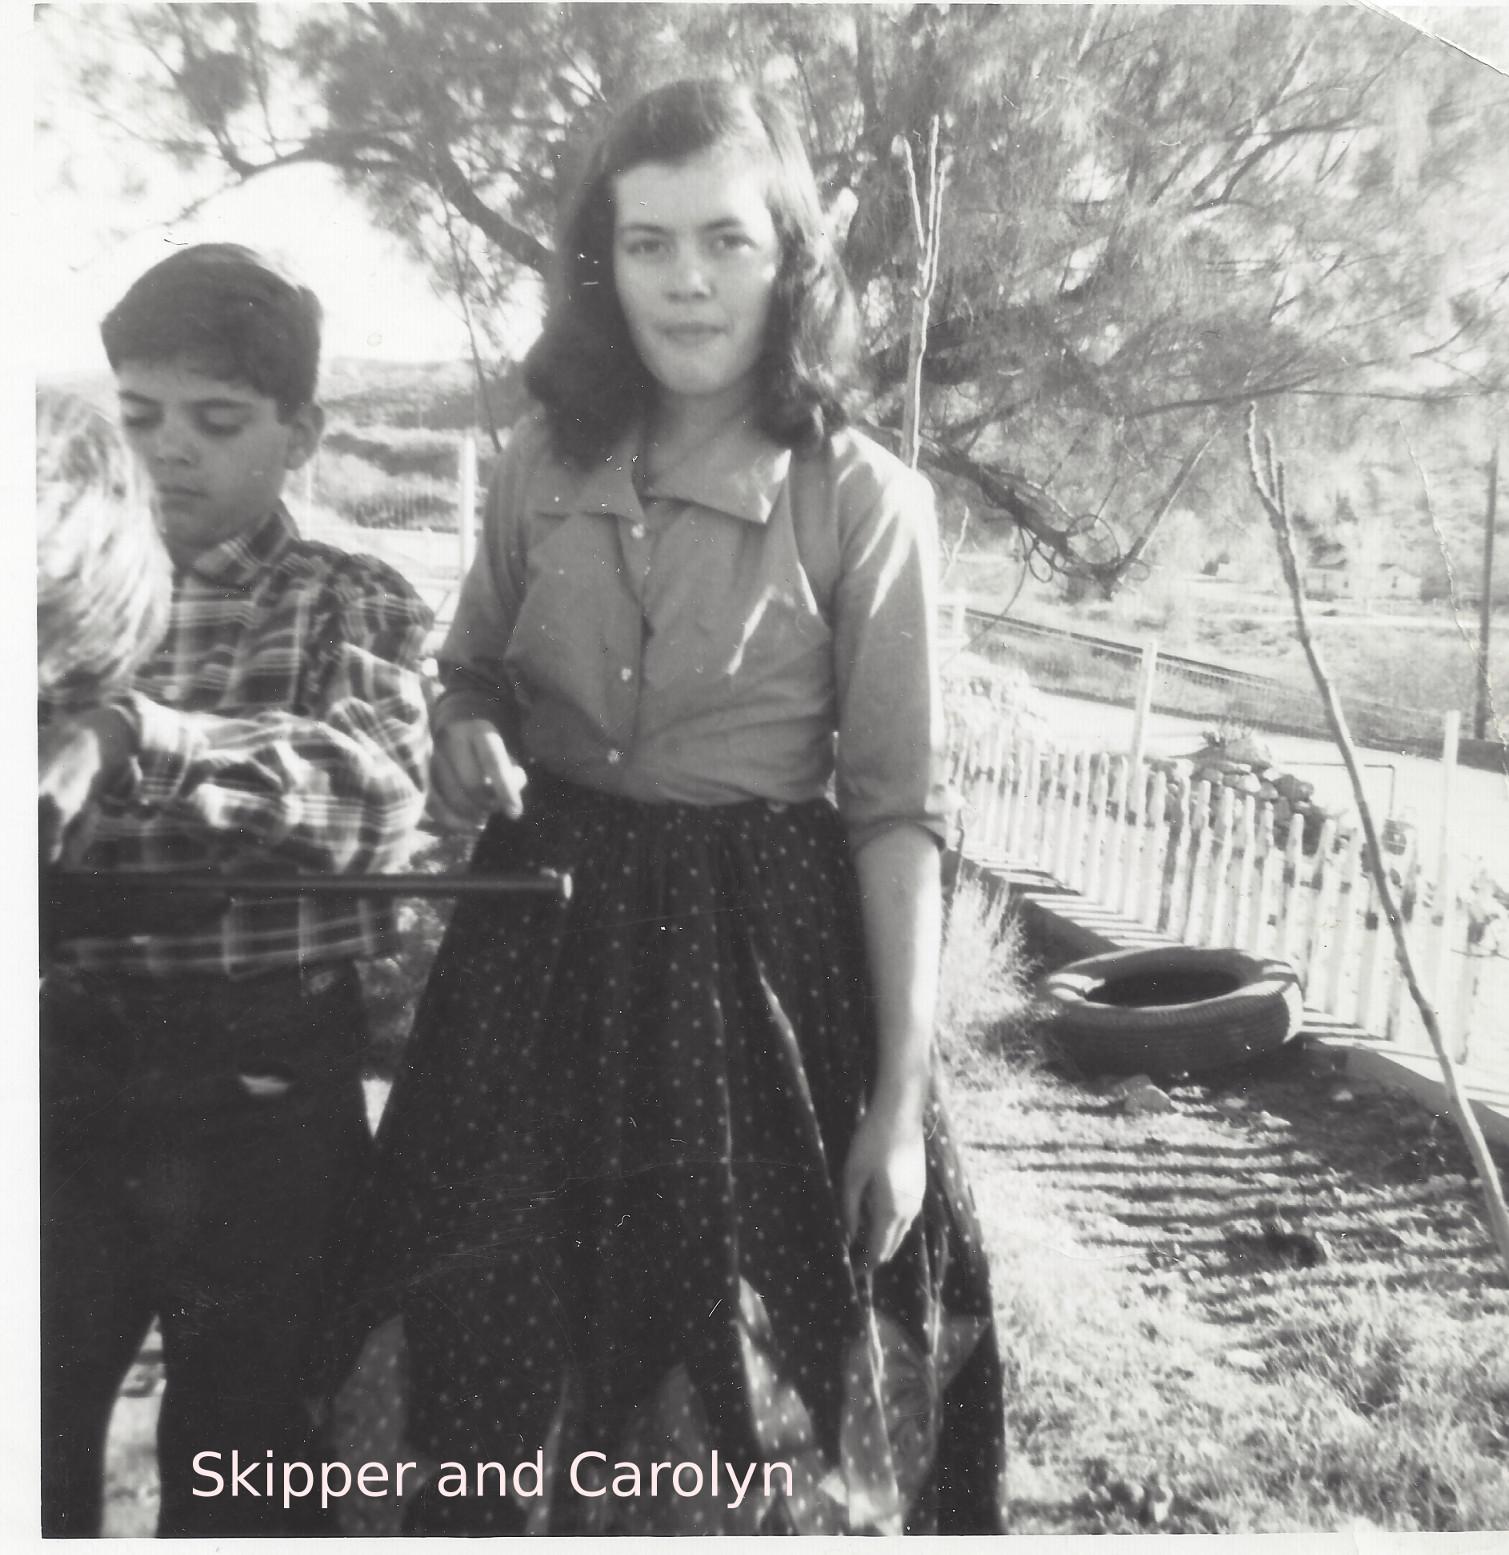 Skipper and Carolyn